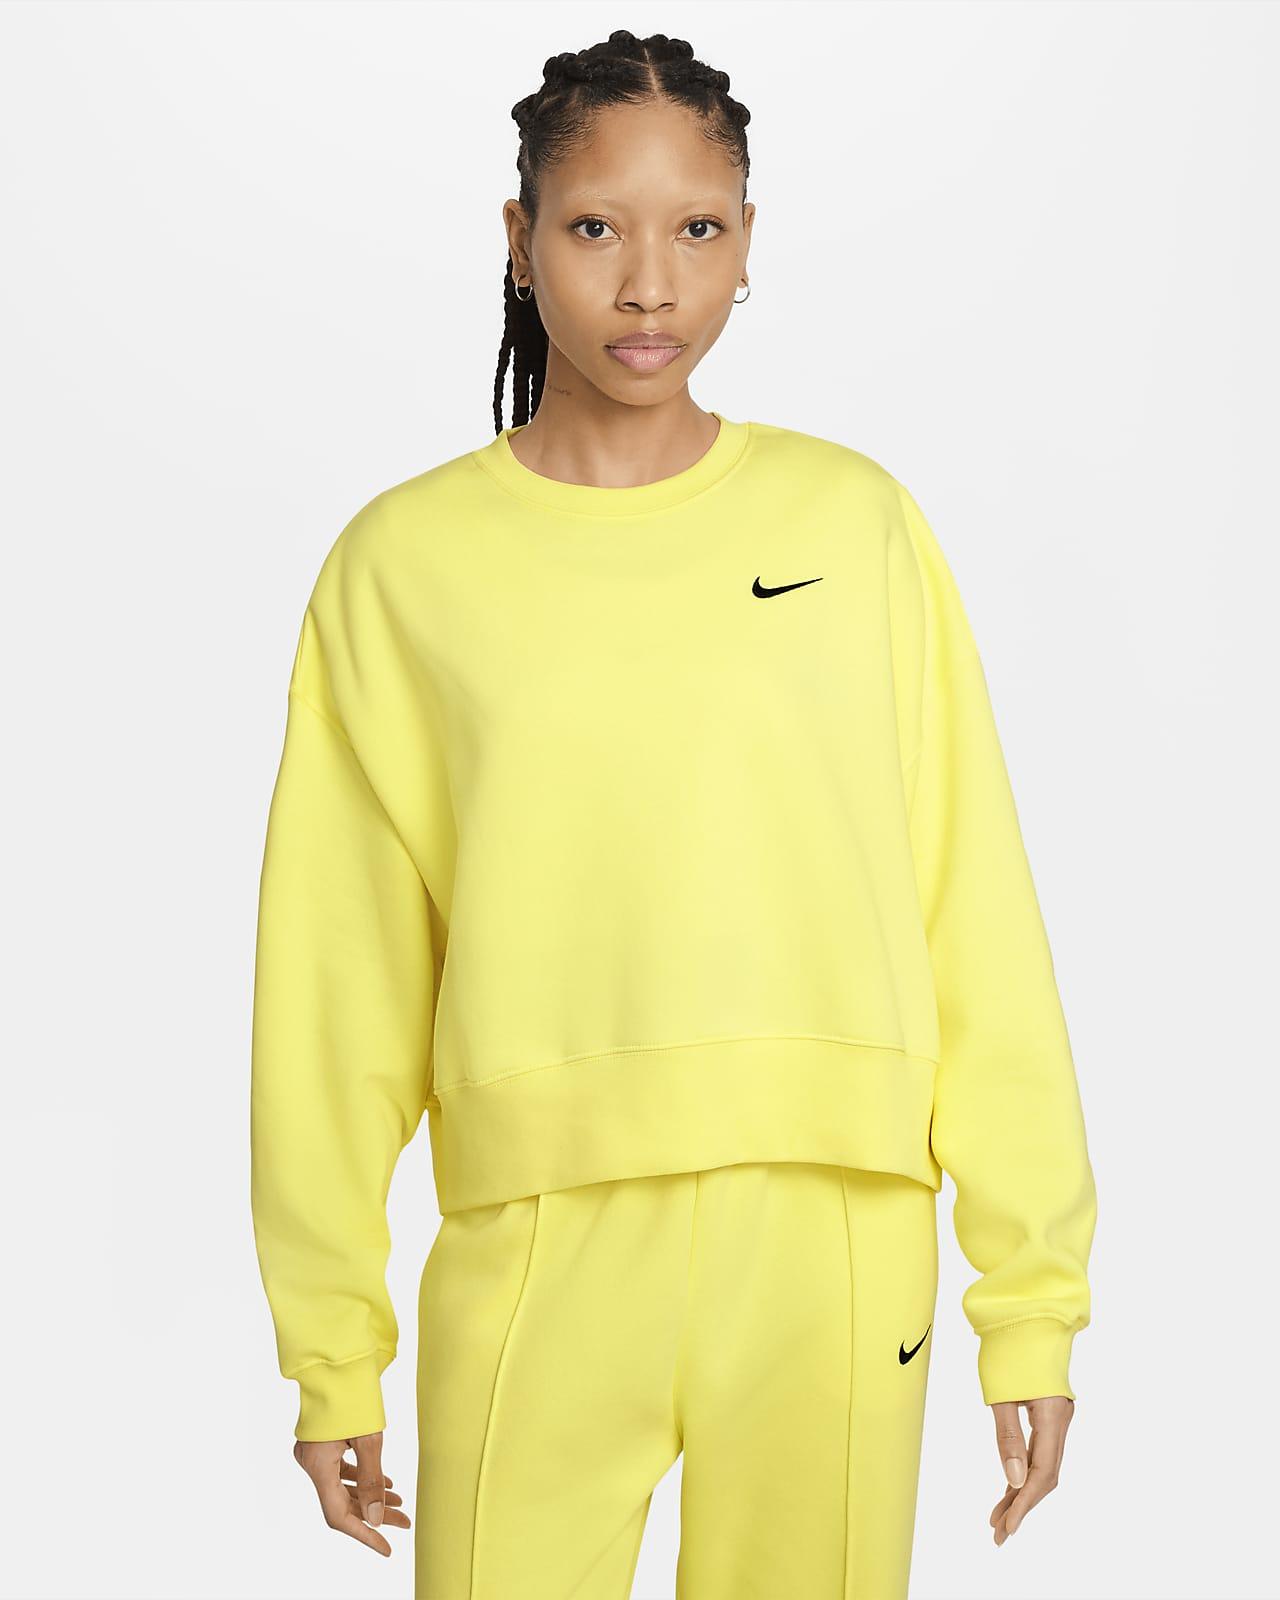 Damska krótka bluza z dzianiny Nike Sportswear